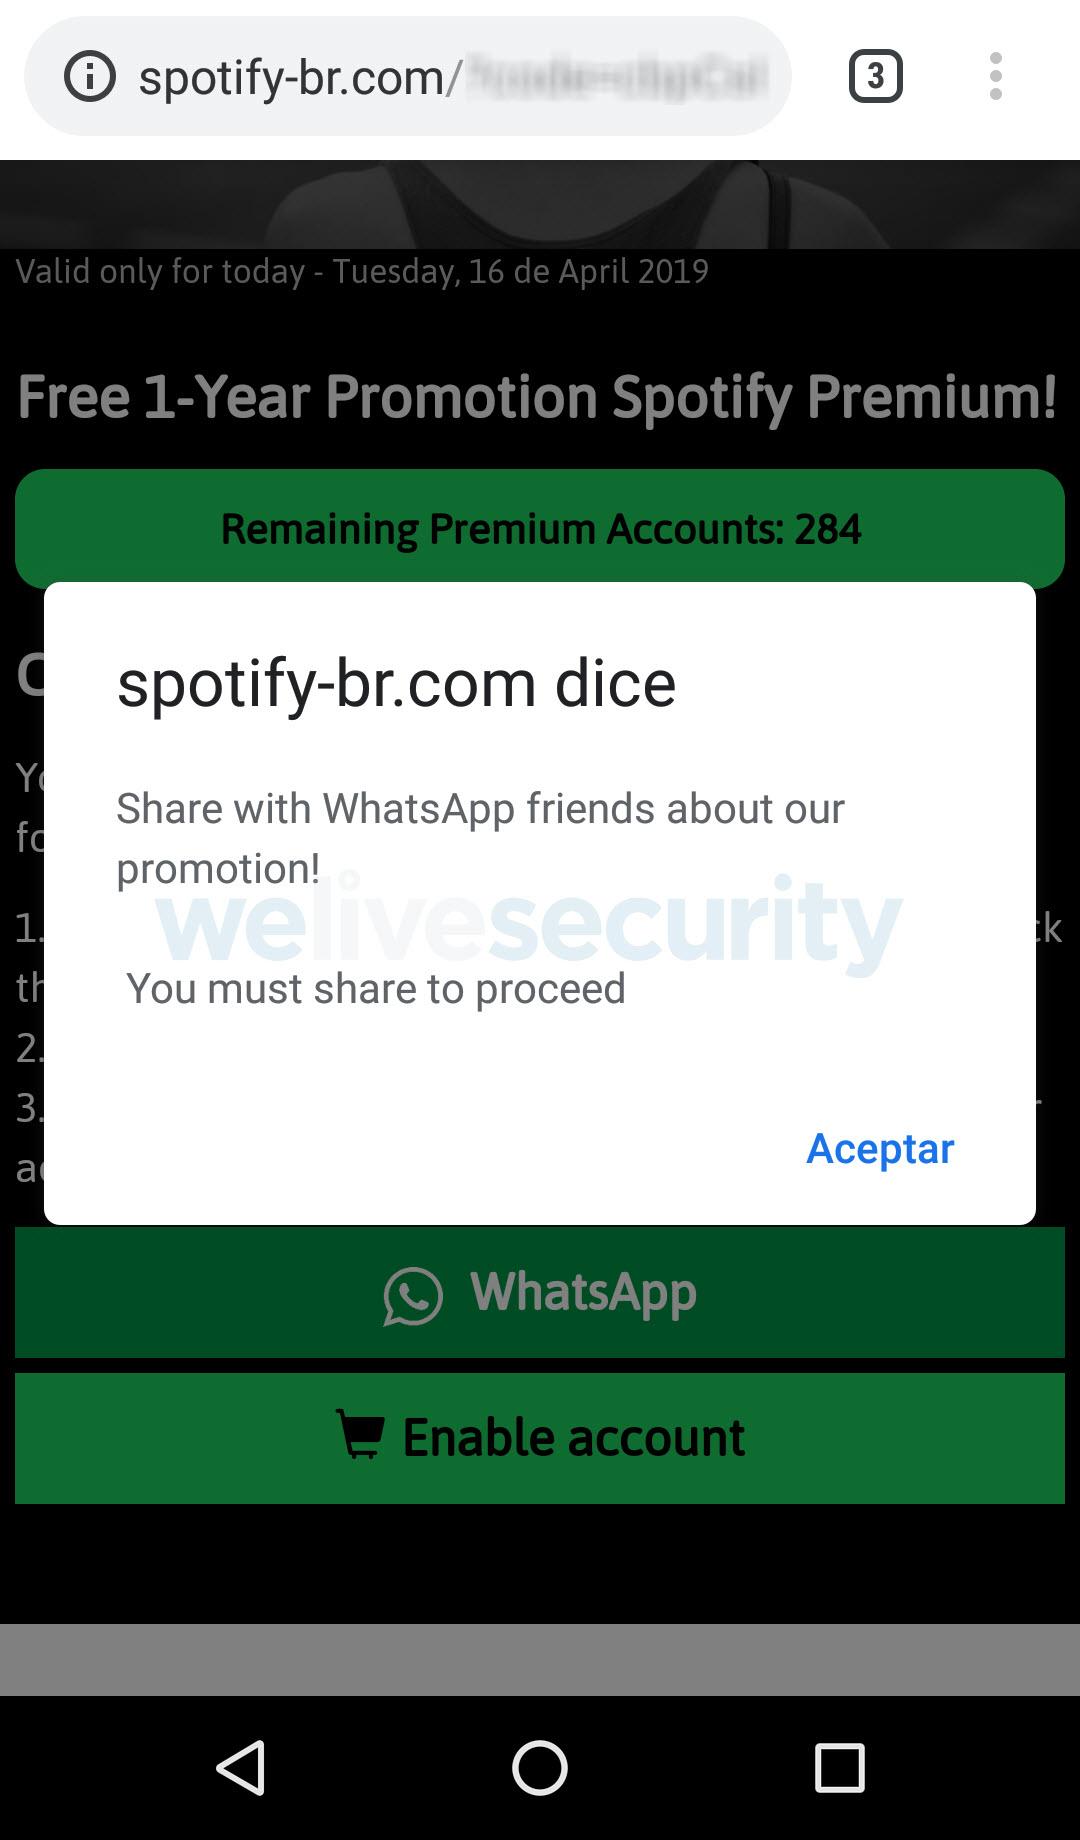 Imagen 4 – Si desea saltar los pasos y directamente activar el beneficio, un mensaje recordará que primero deberá compartir la promoción a sus contactos de WhatsApp.